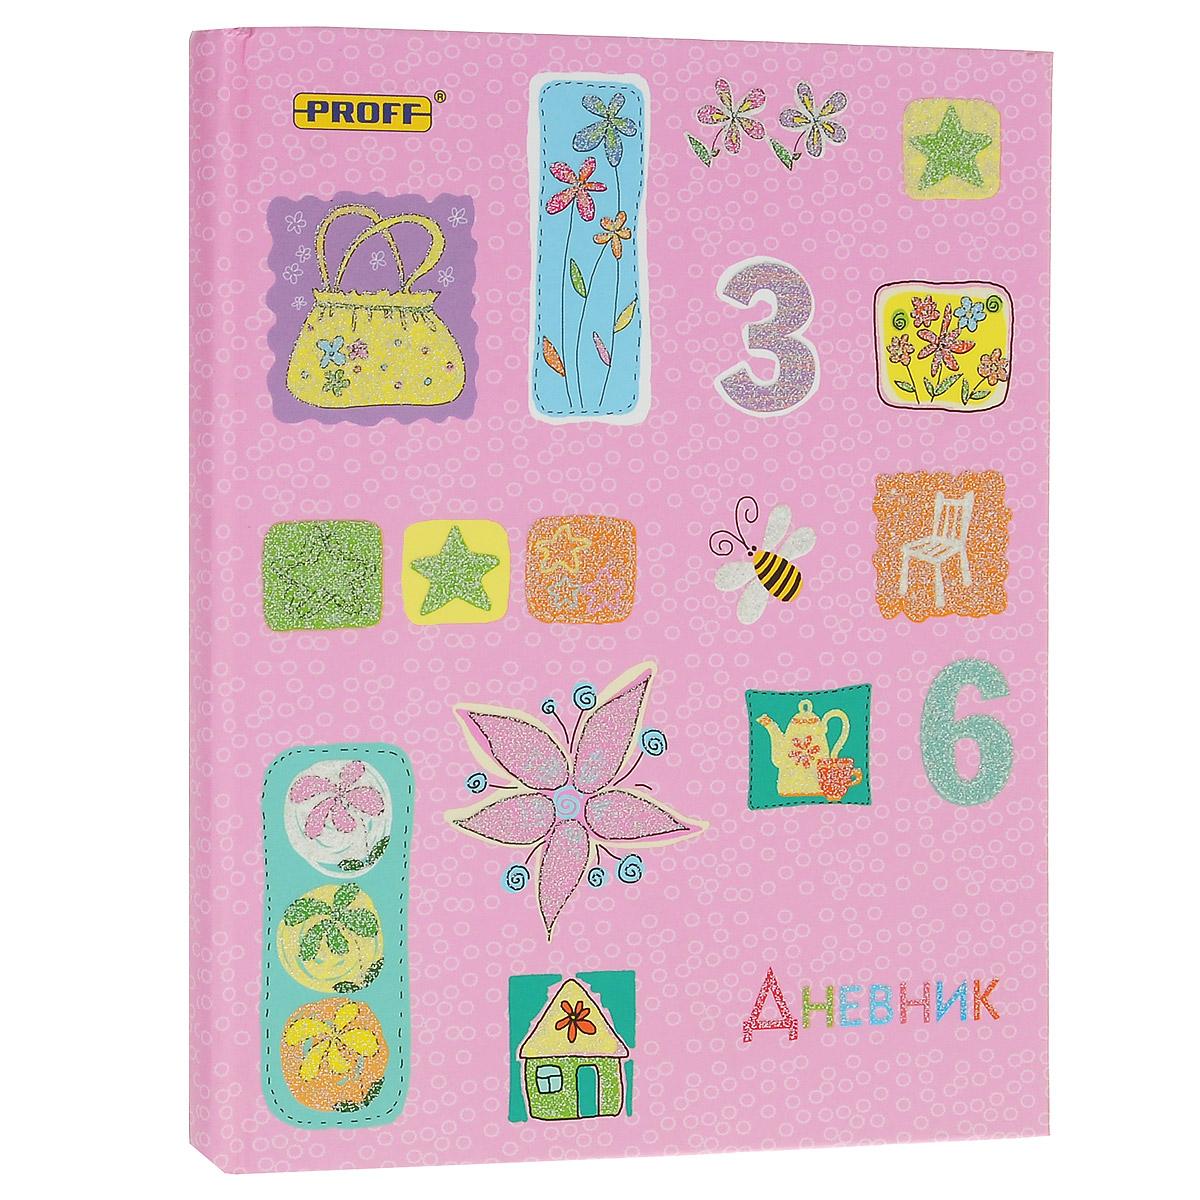 Дневник школьный Proff Рисунки, цвет: розовый. 200200Школьный дневник Proff Рисунки - первый ежедневник вашего ребенка. Он поможет ему не забыть свои задания, а вы всегда сможете проконтролировать его успеваемость. Внутренний блок дневника состоит из 48 листов цветной бумаги. Яркая обложка с блестками выполнена из плотного матового картона. В структуру дневника входят все необходимые разделы: информация о личных данных ученика, расписание уроков по четвертям, сведения о преподавателях и дополнительных занятиях. Дневник содержит номера телефонов экстренной помощи и даты праздничных дней. В конце дневника имеются сведения об успеваемости с заметками классного руководителя и учителей, информация о каникулах и краткий справочник школьника по математике (формулы, таблицы, основные понятия планиметрии, тригонометрия) и основные понятия физики. Дневник Proff Рисунки станет надежным помощником в освоении новых знаний и украсит учебные будни.